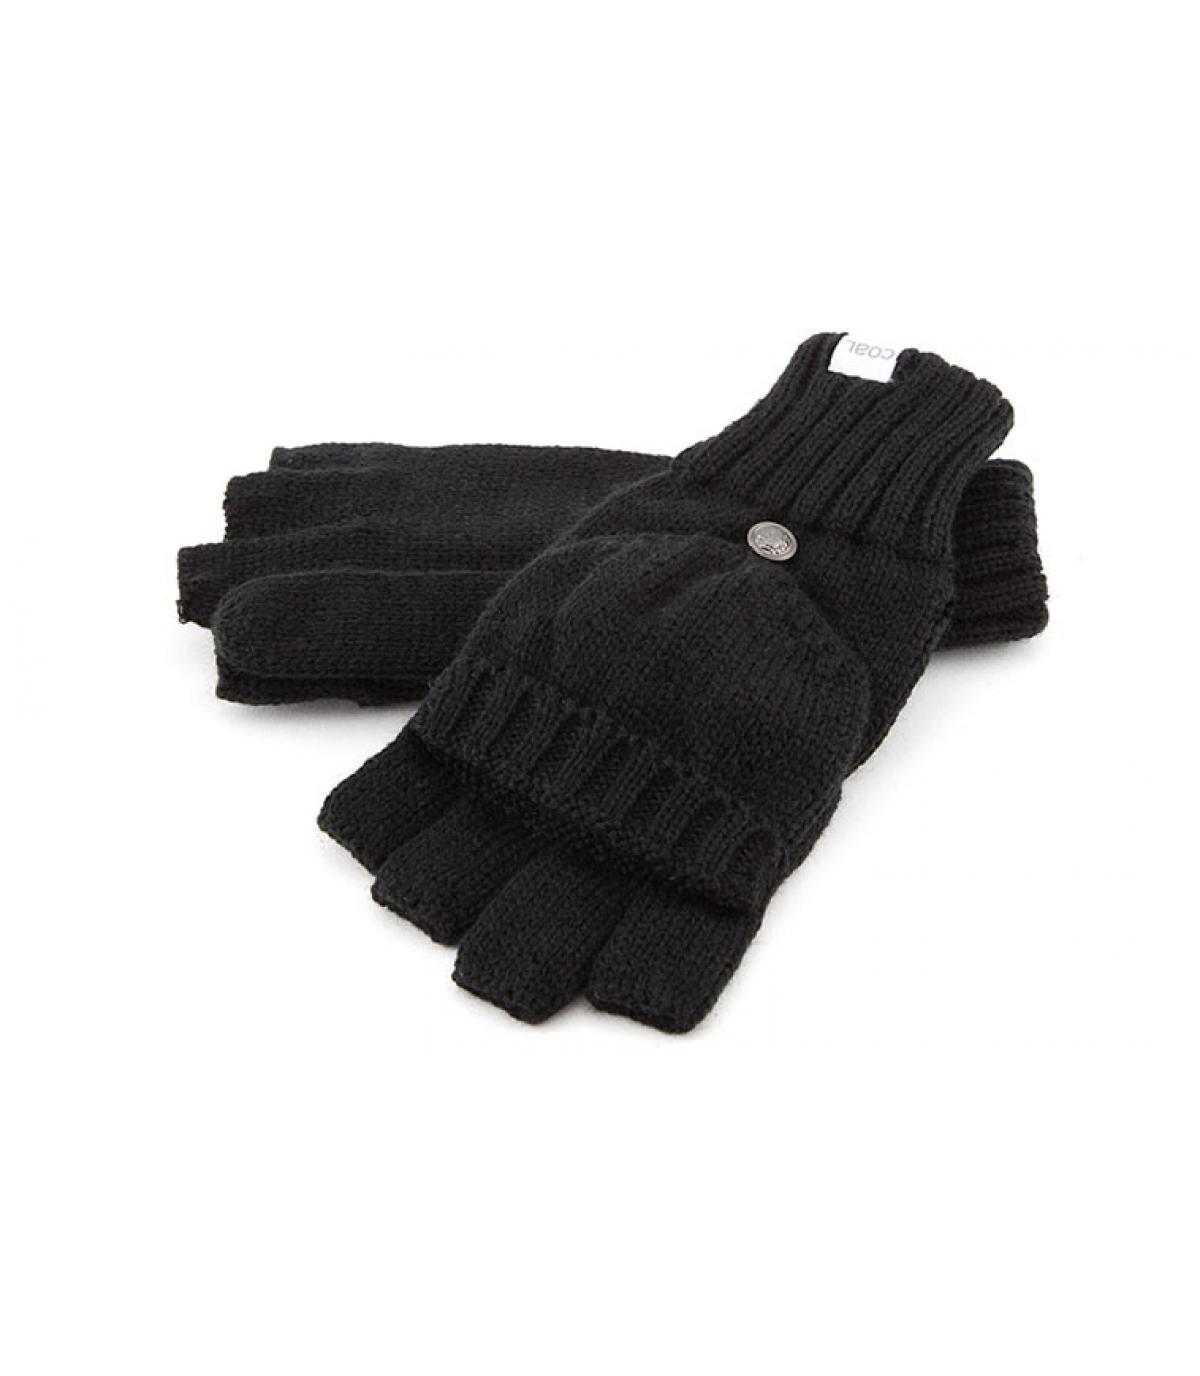 Gants mitaine noir